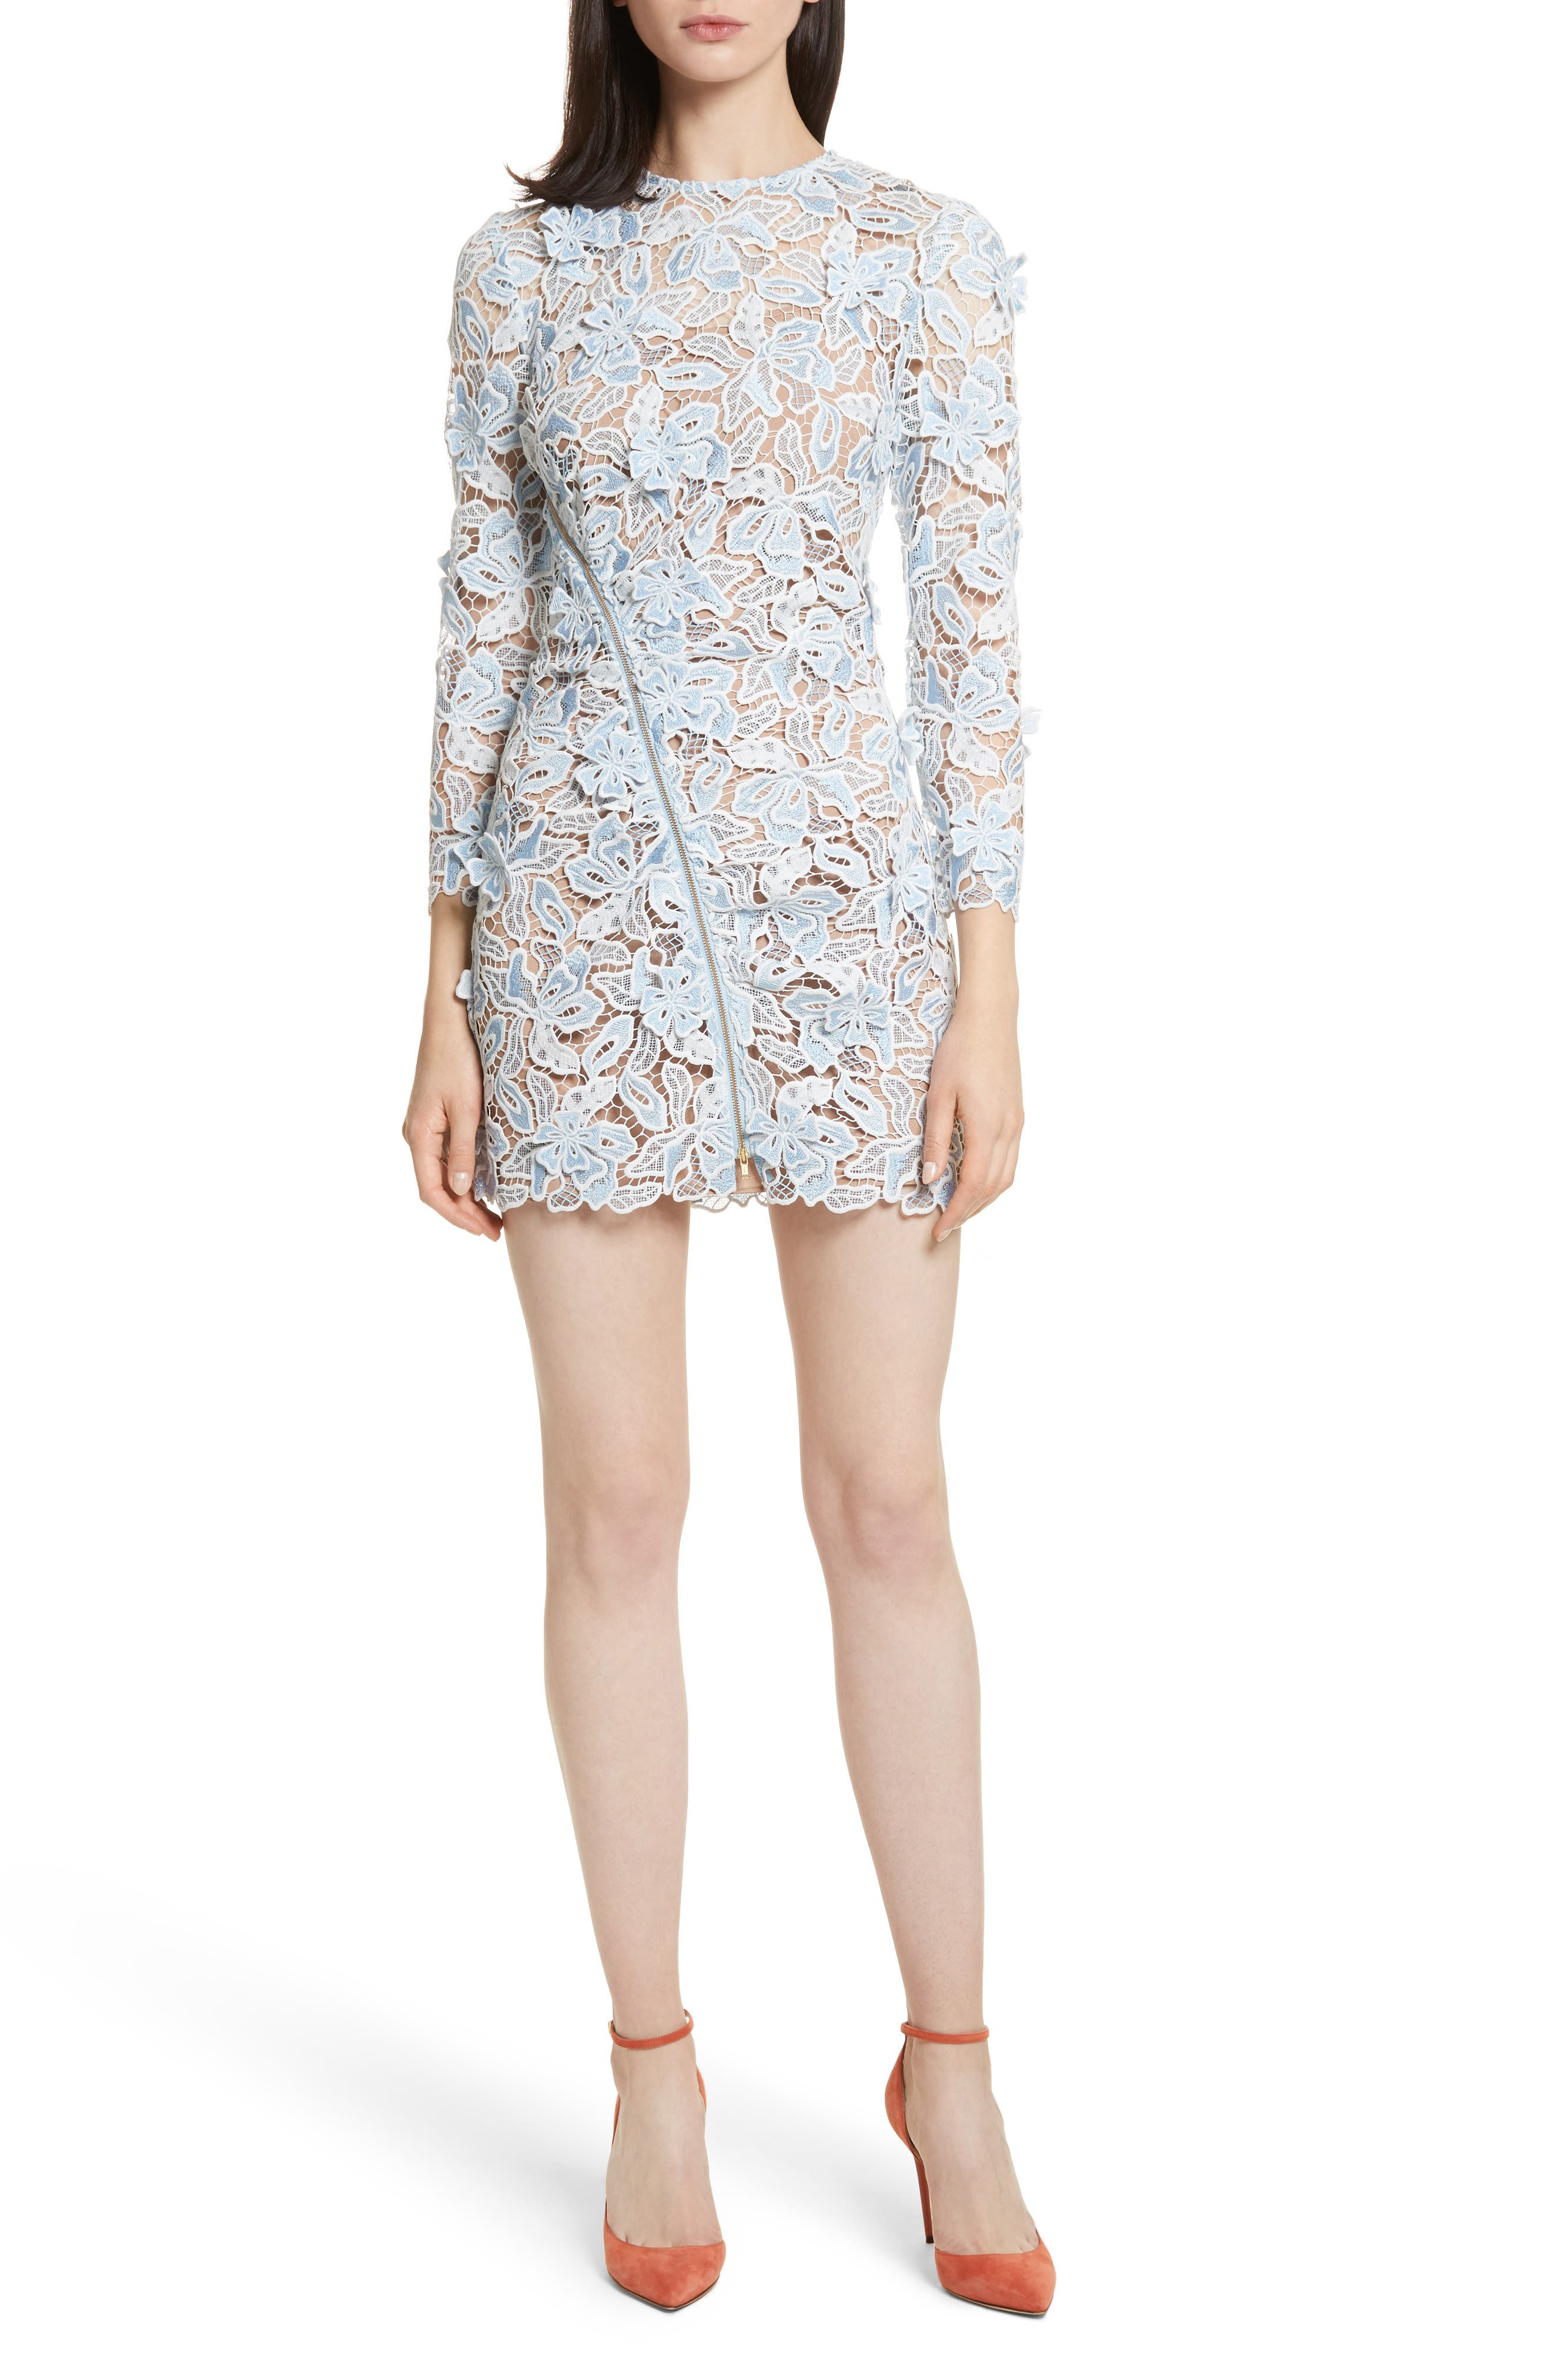 Main Image - Self-Portrait Lily 3D Lace Minidress